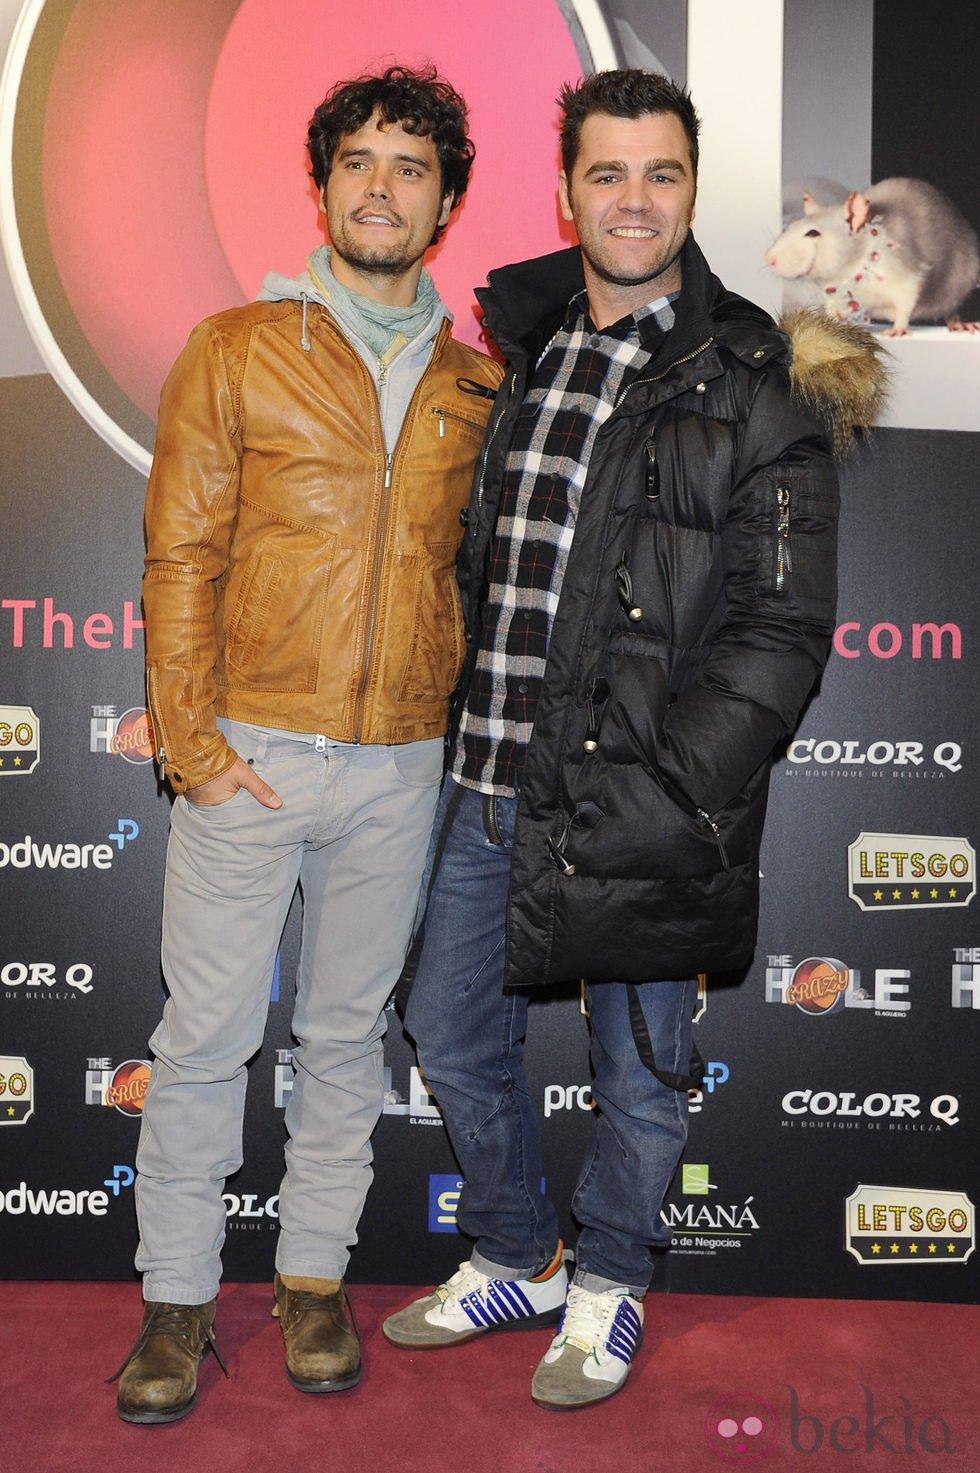 Miguel Abellán y Fonsi Nieto en el estreno de 'The Hole 2'